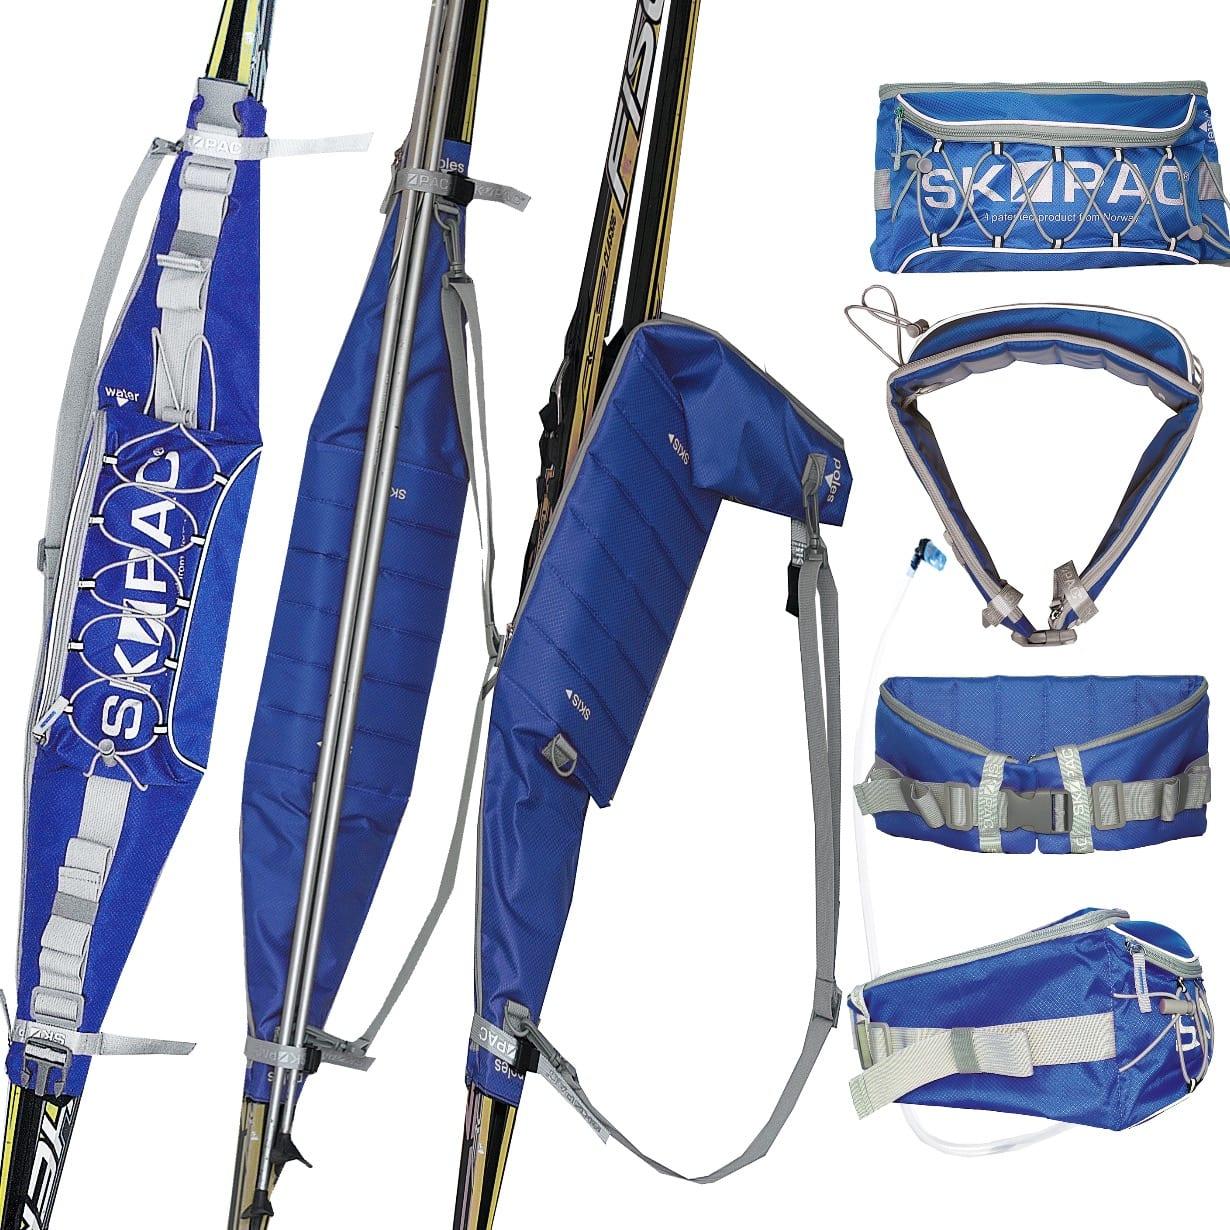 Med Skipac får du fraktet med deg skiene på en enkel måte. Foto. Slkipac.com